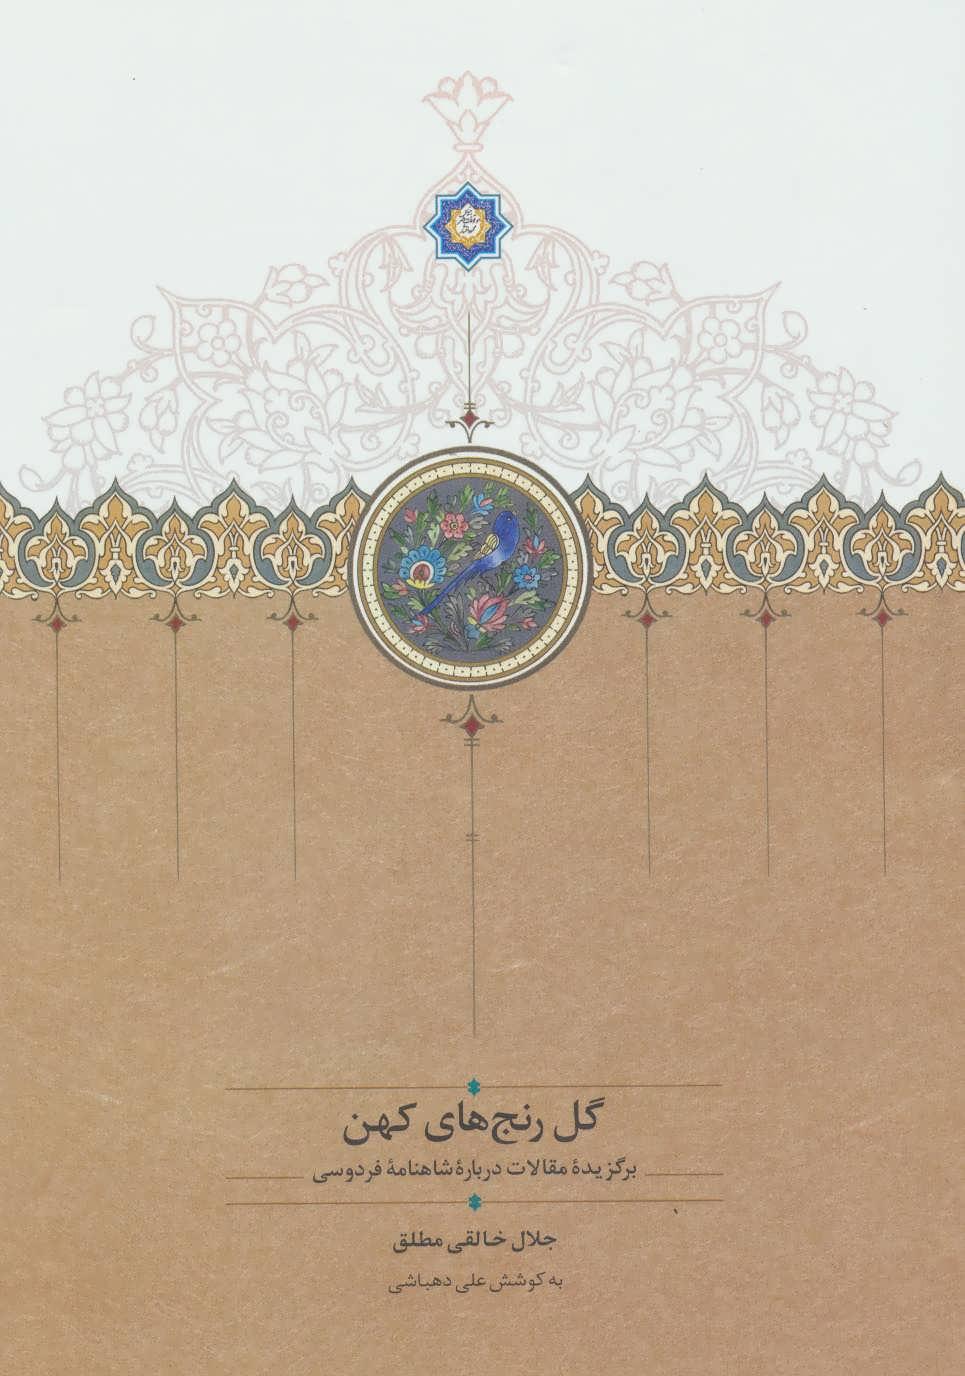 گل رنج های کهن (برگزیده مقالات درباره شاهنامه فردوسی)